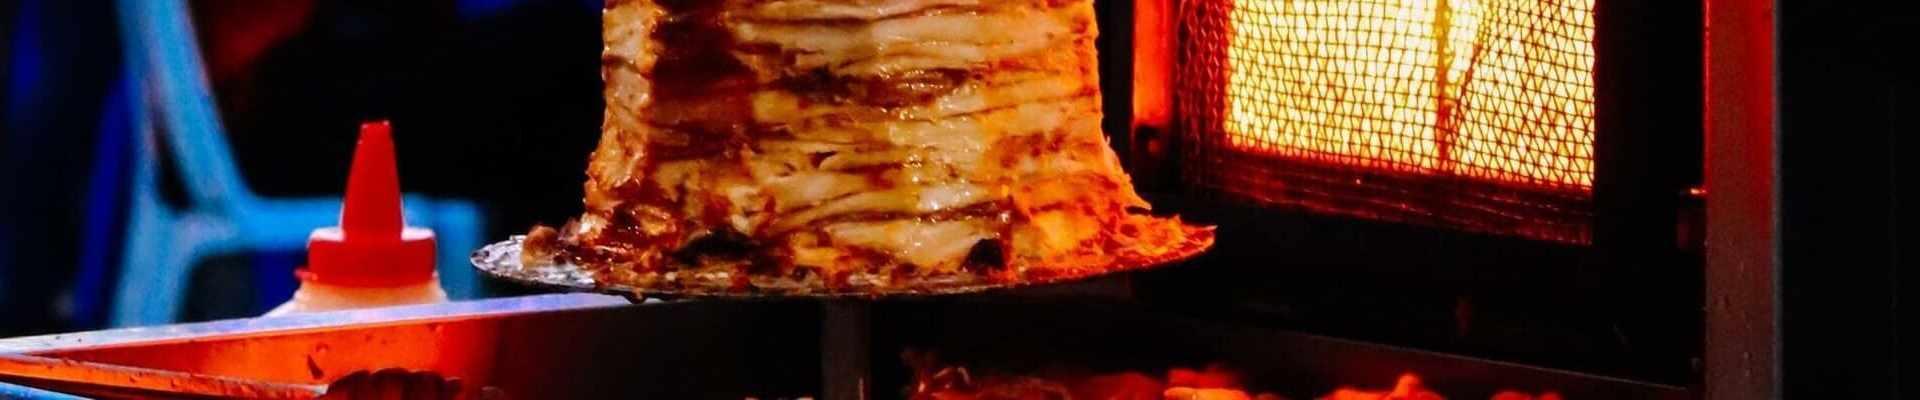 kebab a domicilio todo lo que siempre quisiste saber sobre este plato - Glovo